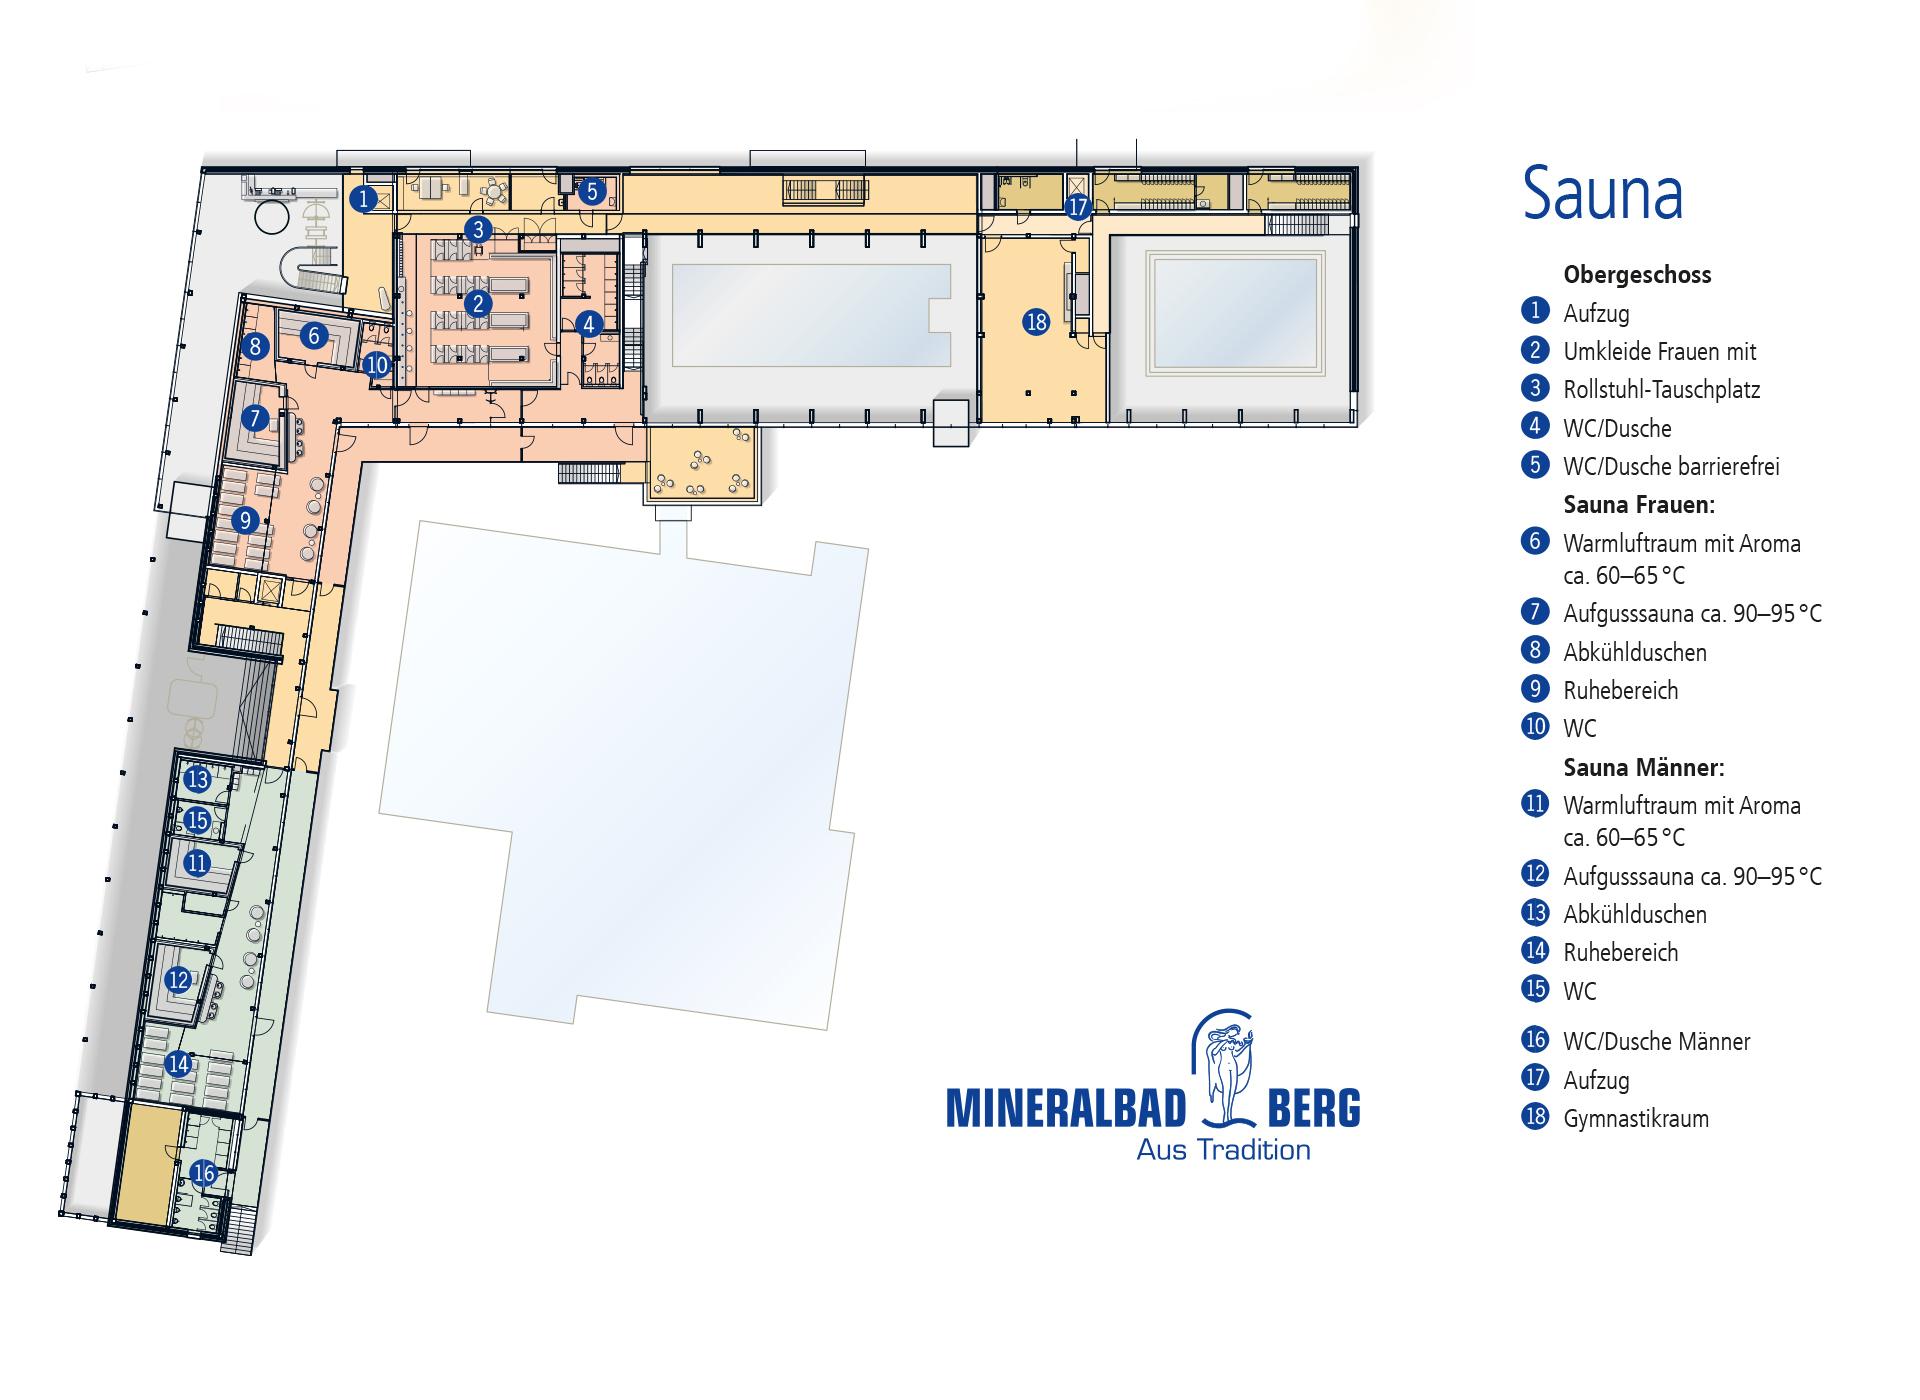 Lageplan des Saunabereichs